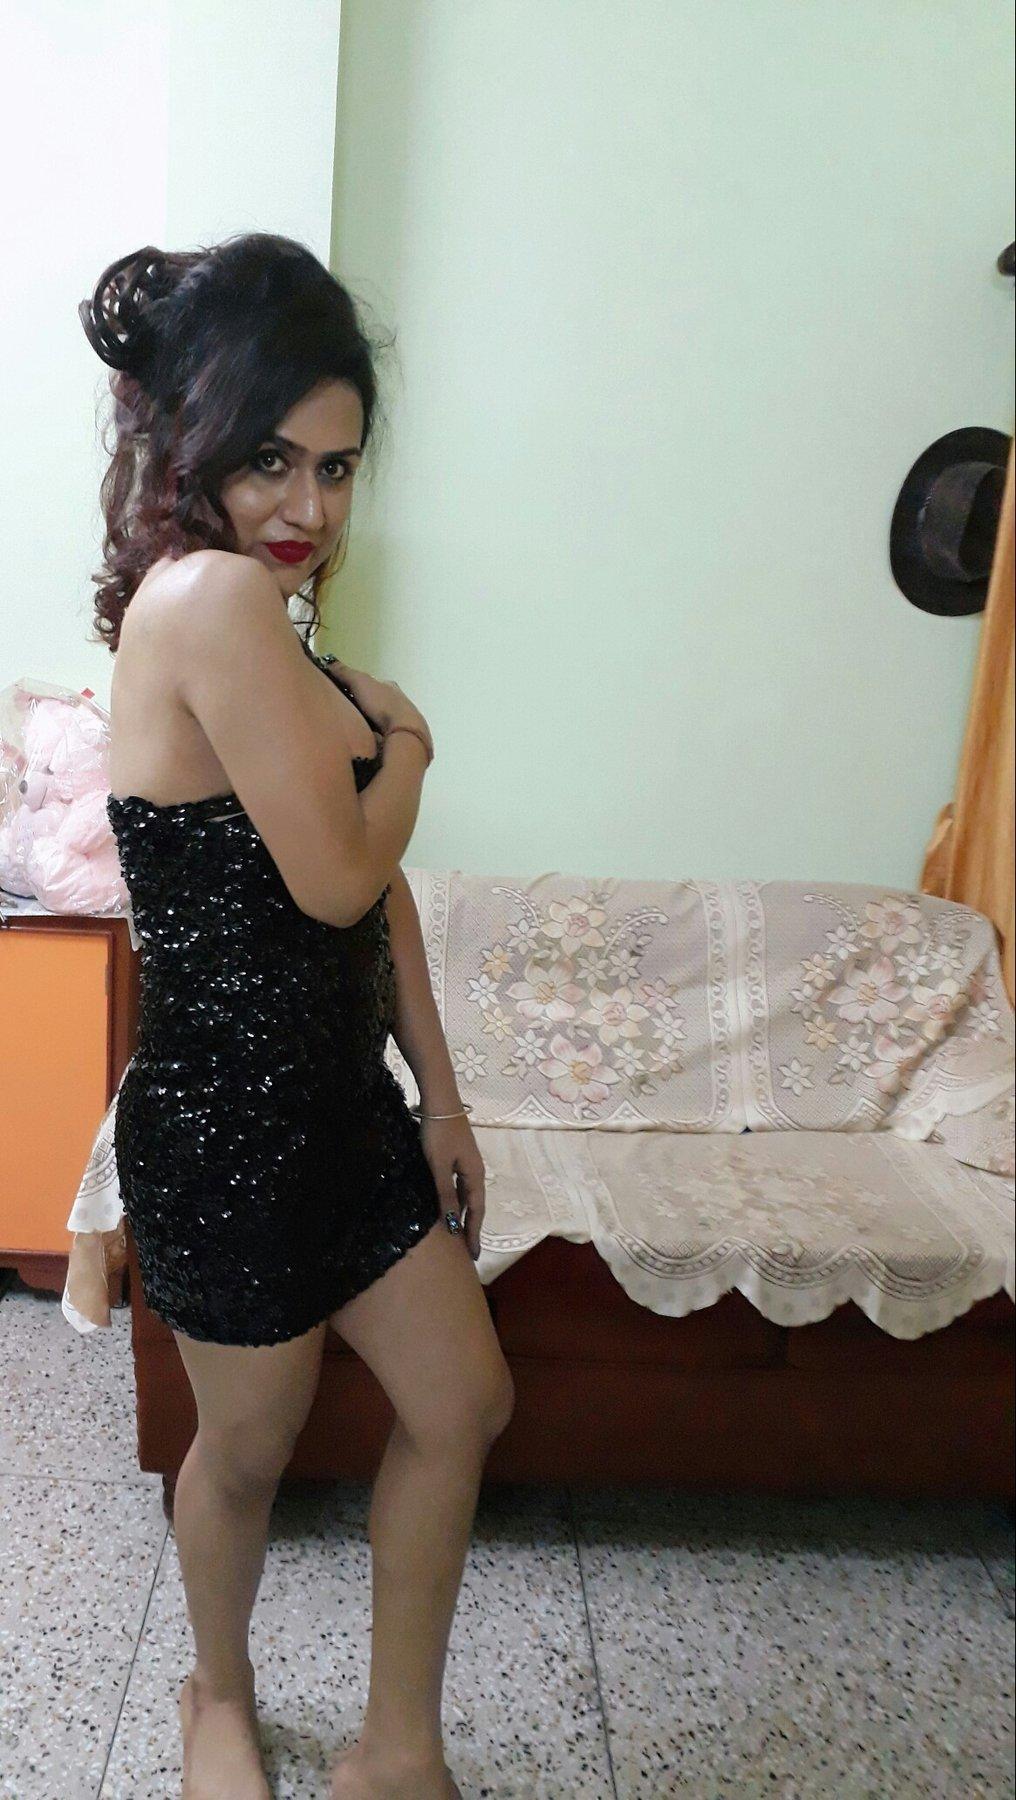 Indian escorts girls naked images